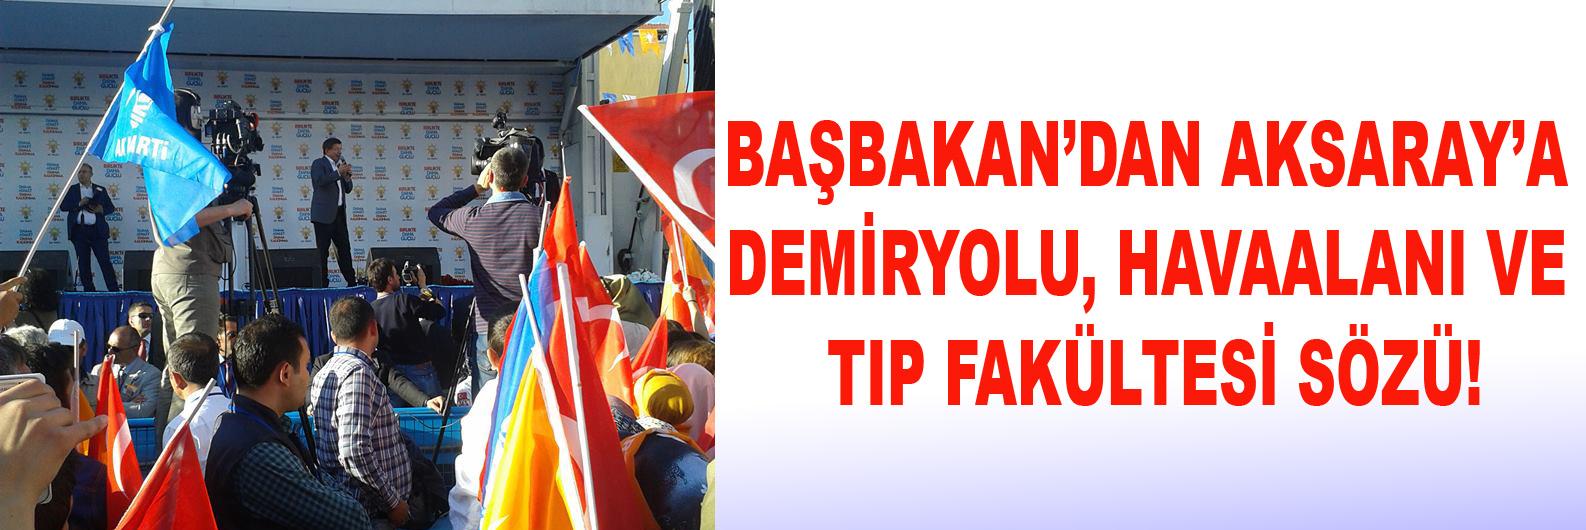 Başbakan'dan Aksaray'a Demiryolu, Havaalanı ve Tıp Fakültesi sözü!